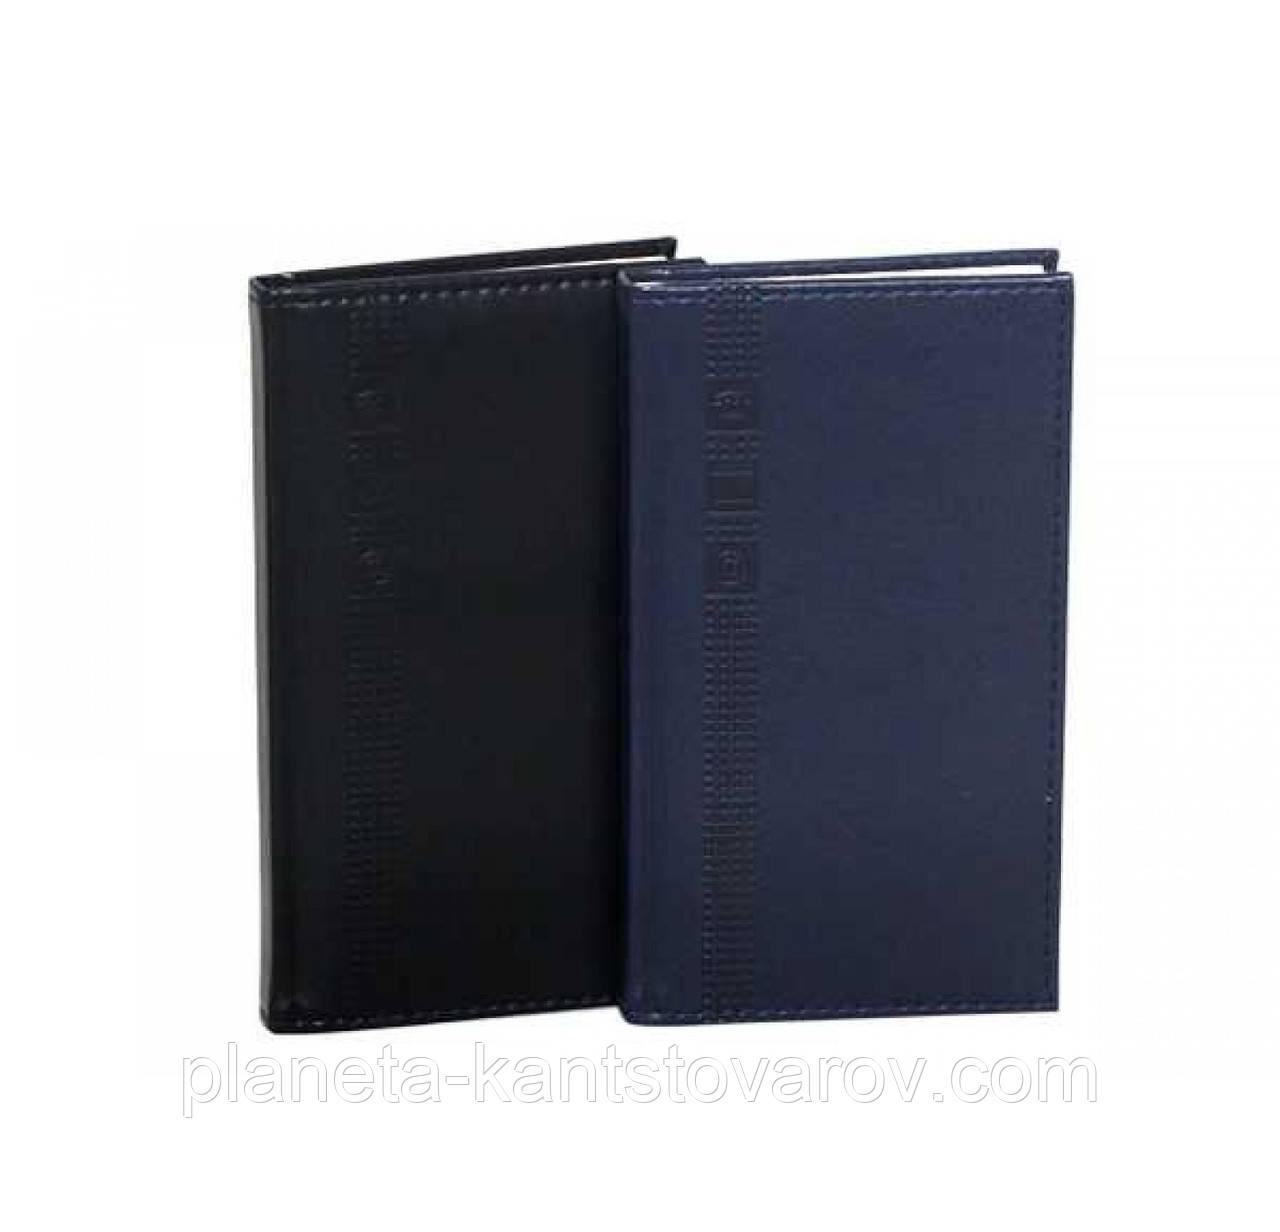 Блокнот-телефонная книга 10.5*18см (90 листов) WB-6468